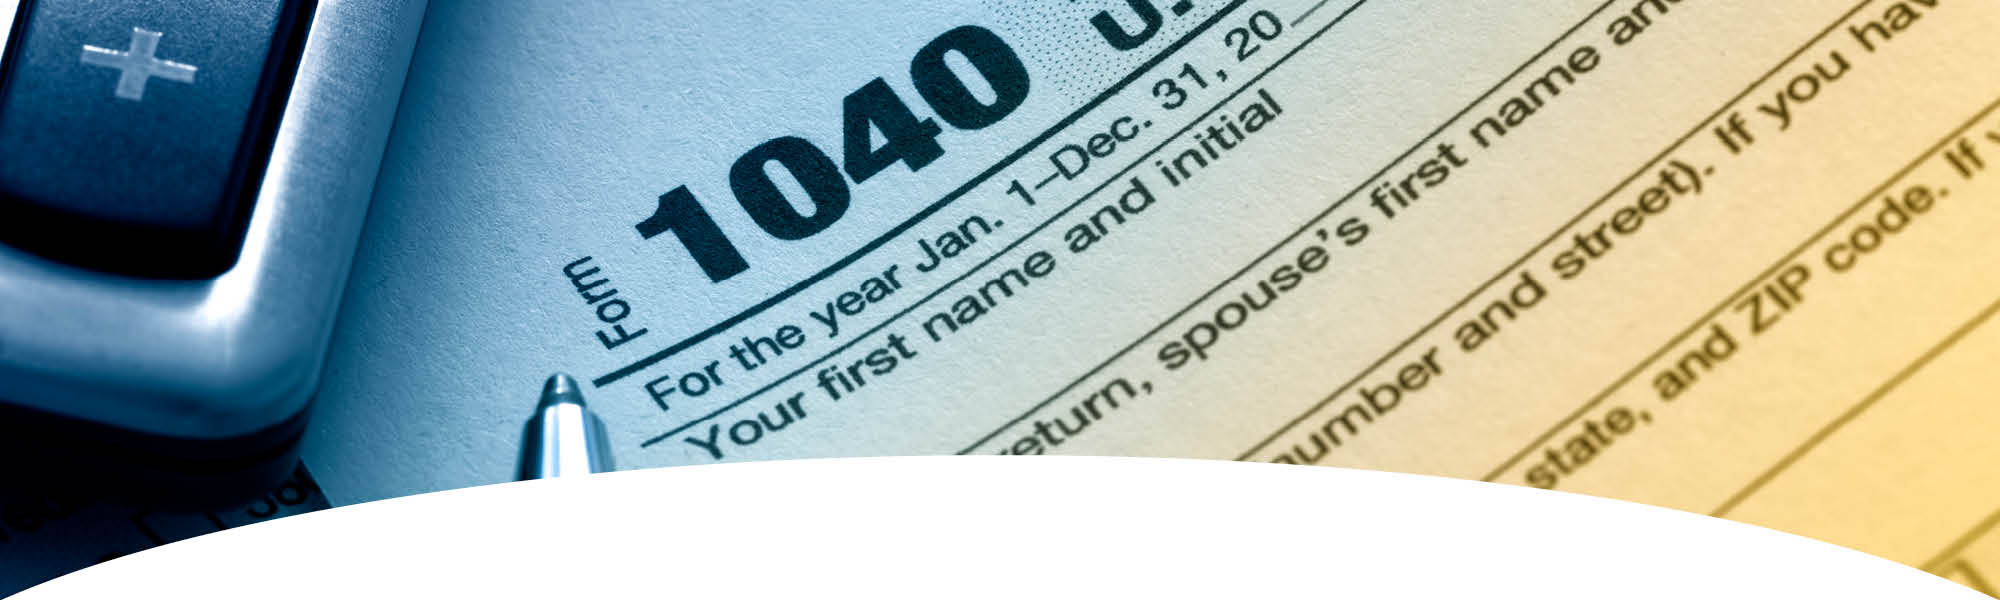 Tax Preparation - 1040 Tax Form